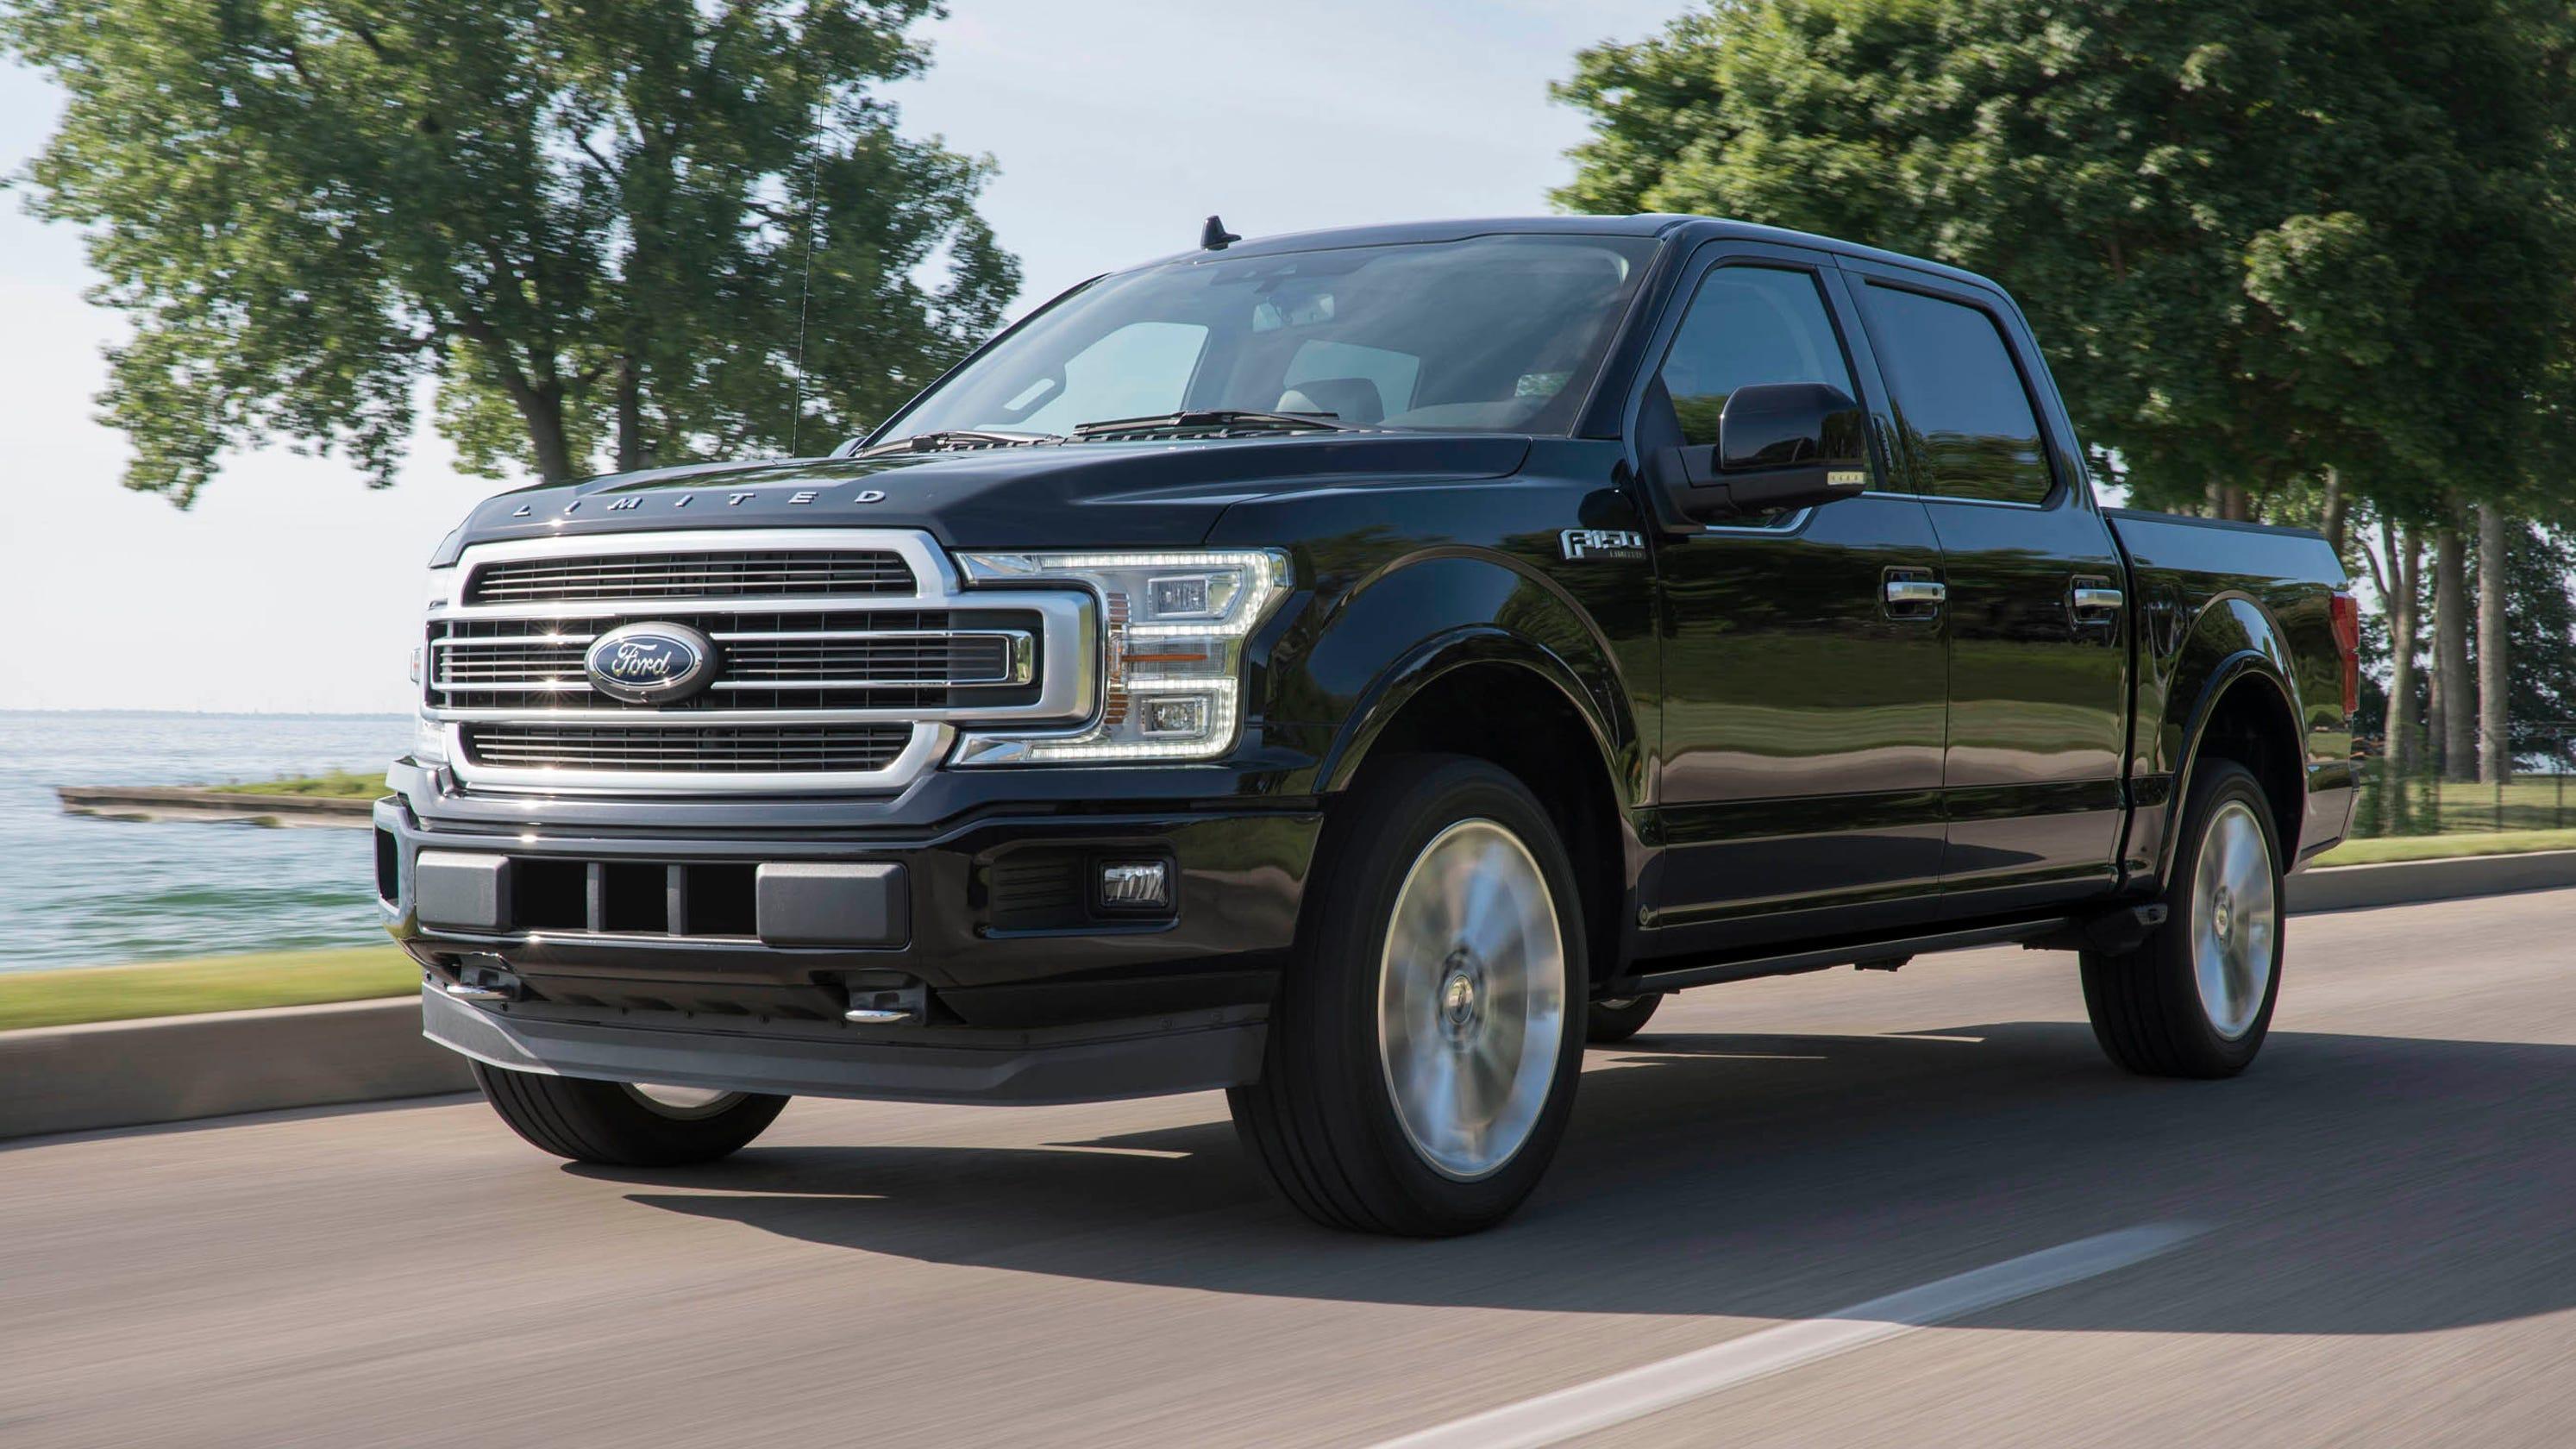 2019 Ford F-150 Limited adds 450-hp Raptor V6 engine